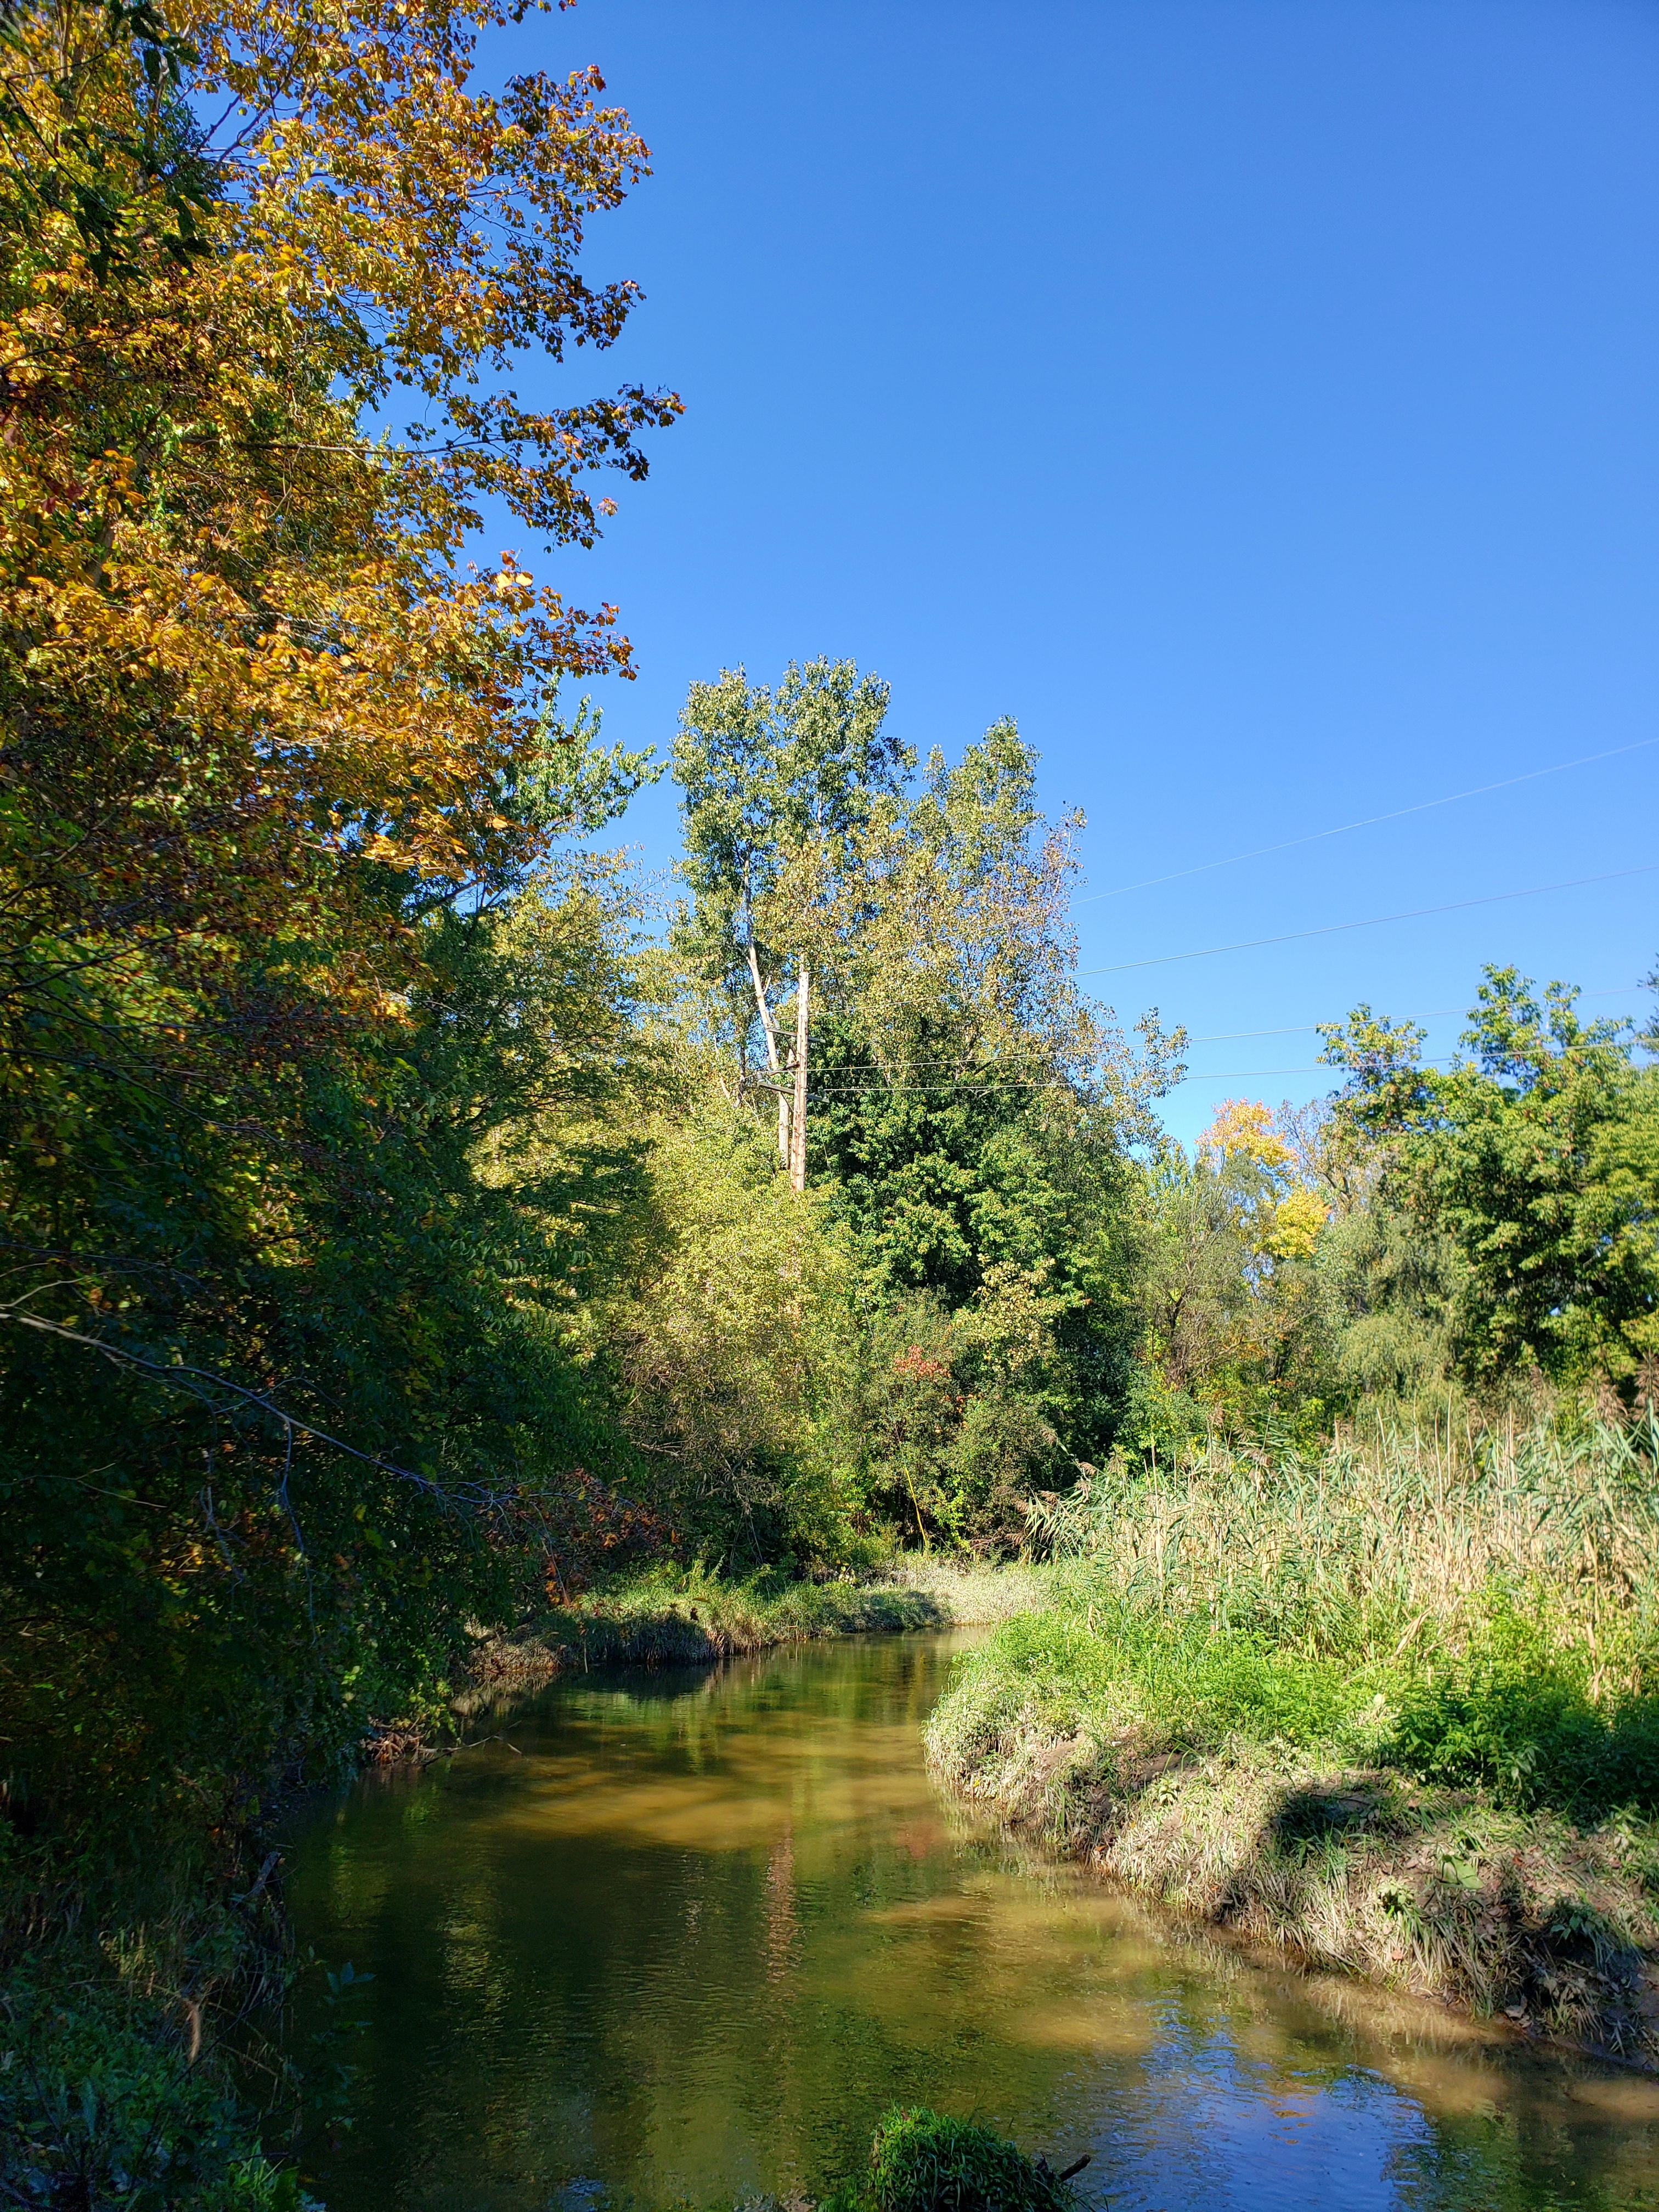 The Clinton River